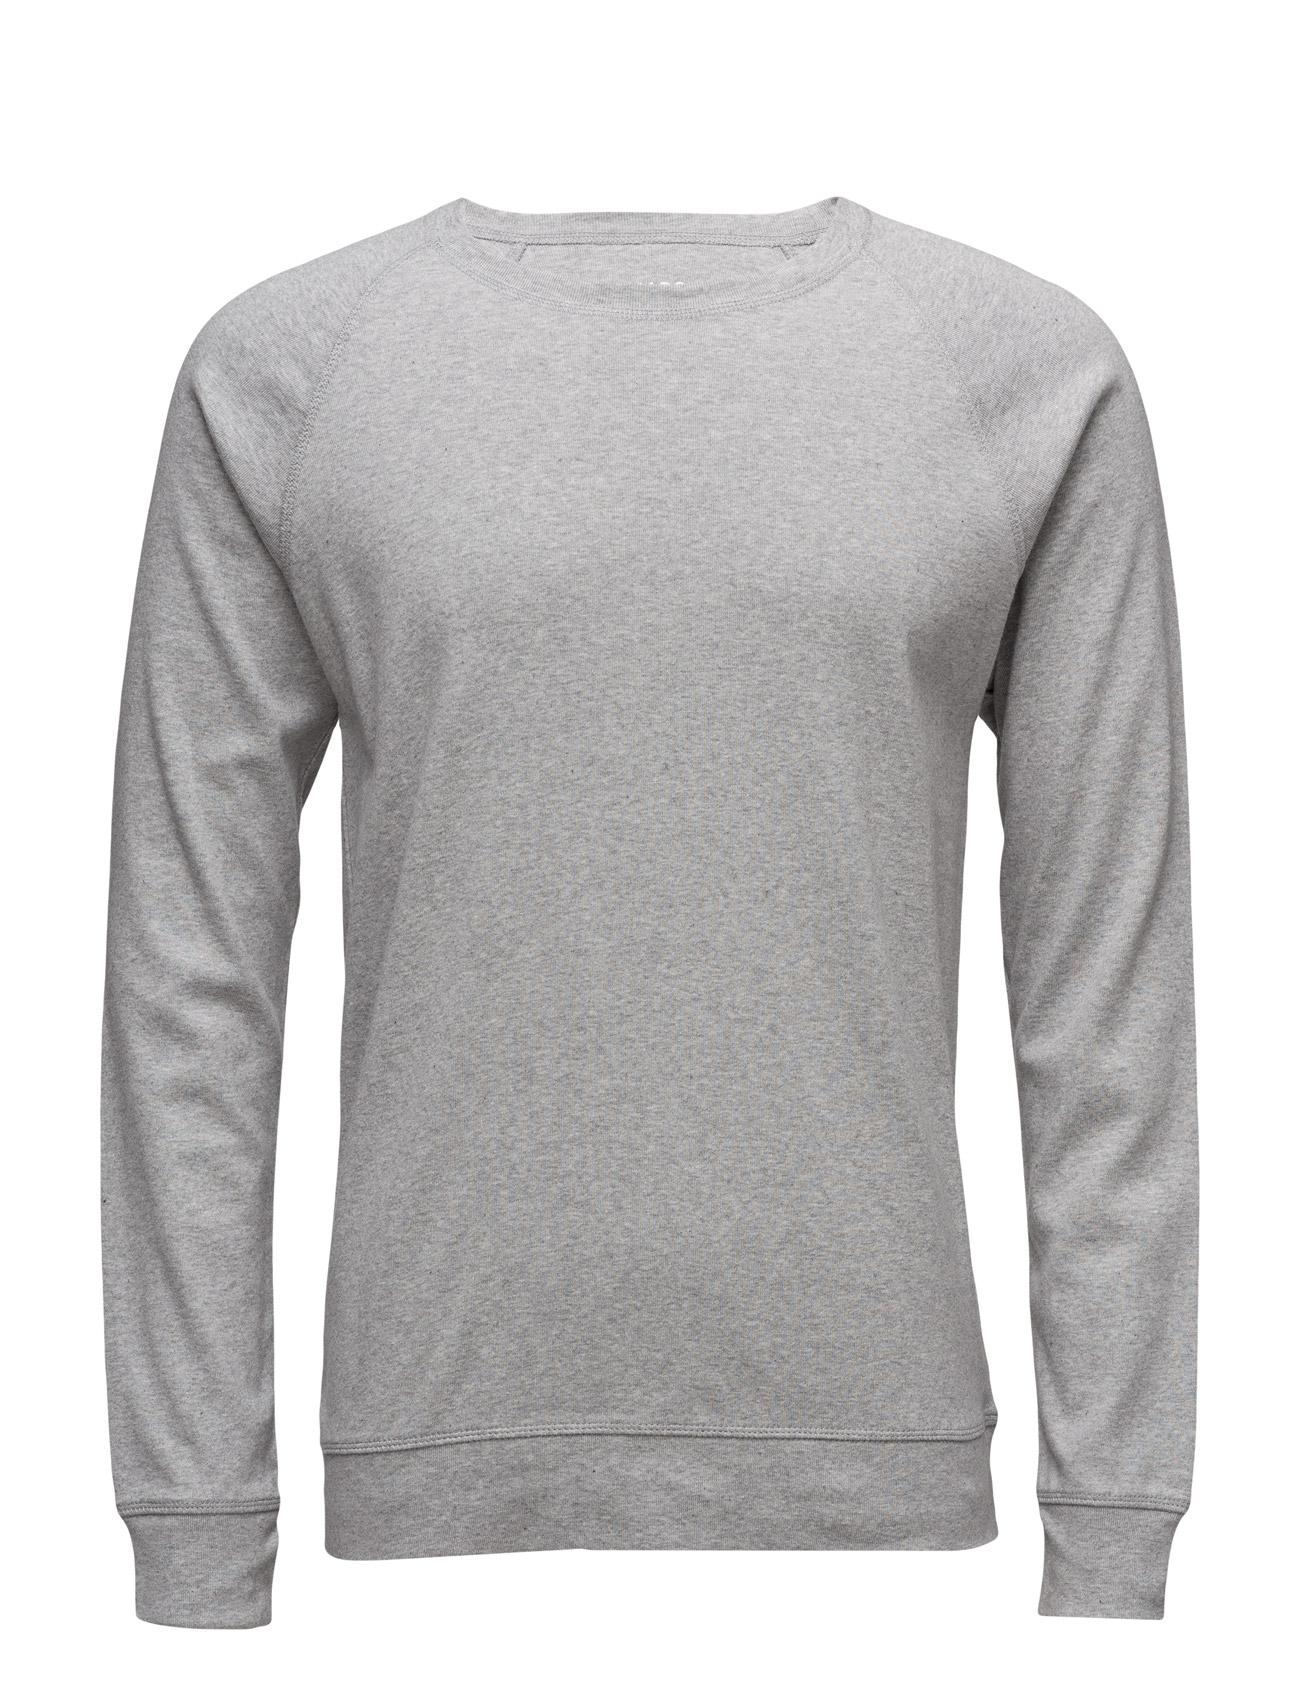 Cotton Rib Stelt 16-3 Mads Nørgaard Langærmede til Herrer i Grey Melange